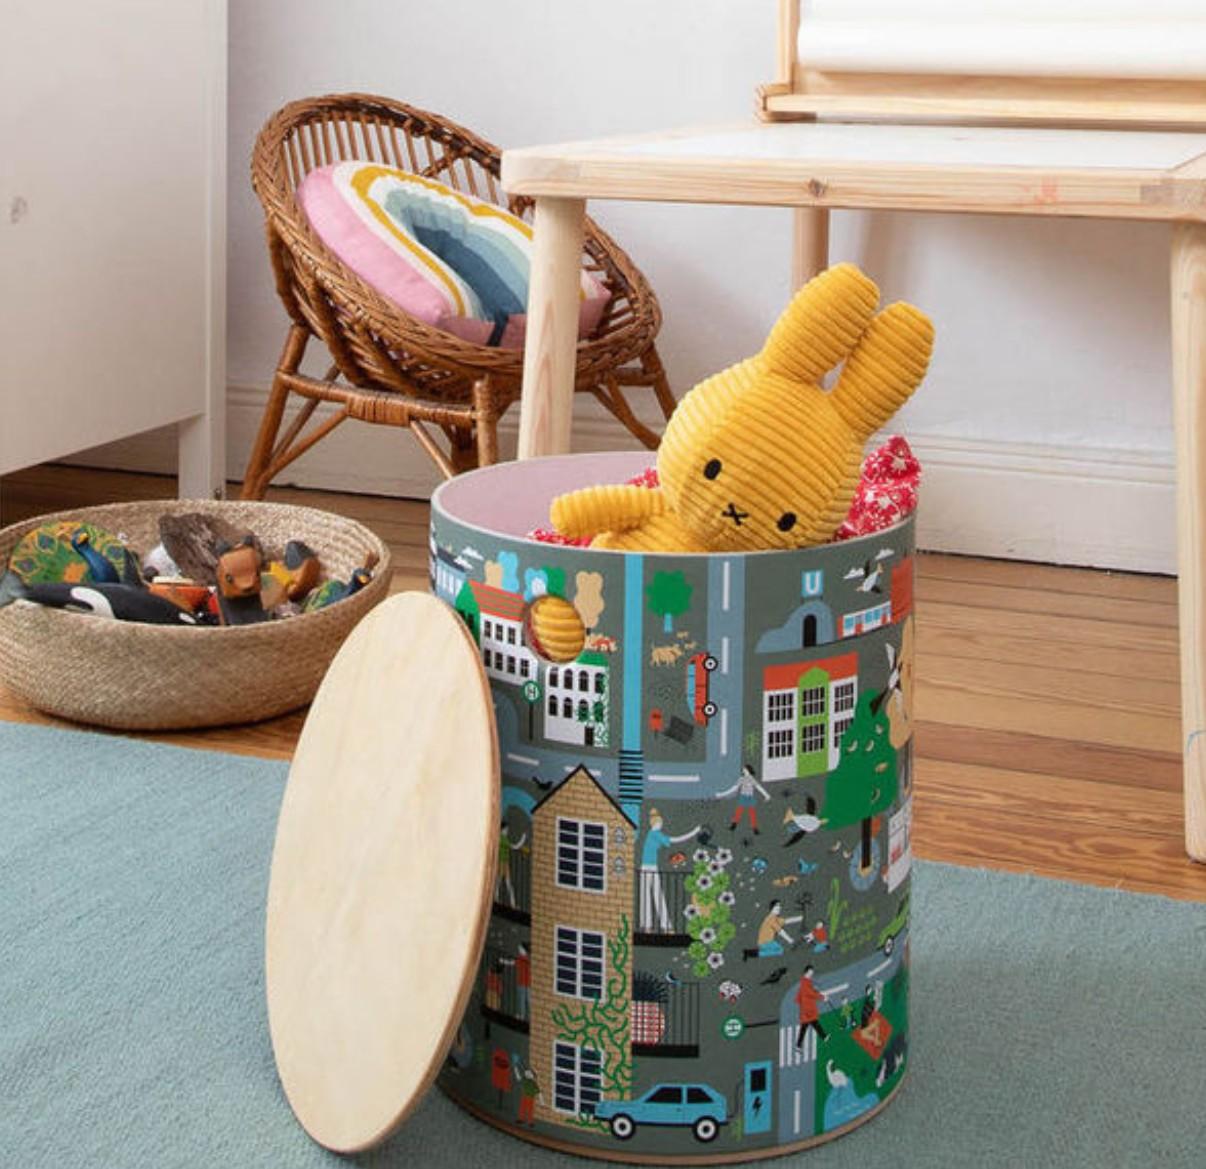 Hocker von der Firma rund:Stil bestehen aus Holz und nutzen zum Beispiel natürlichen Leim. (Foto: Avocadostore)